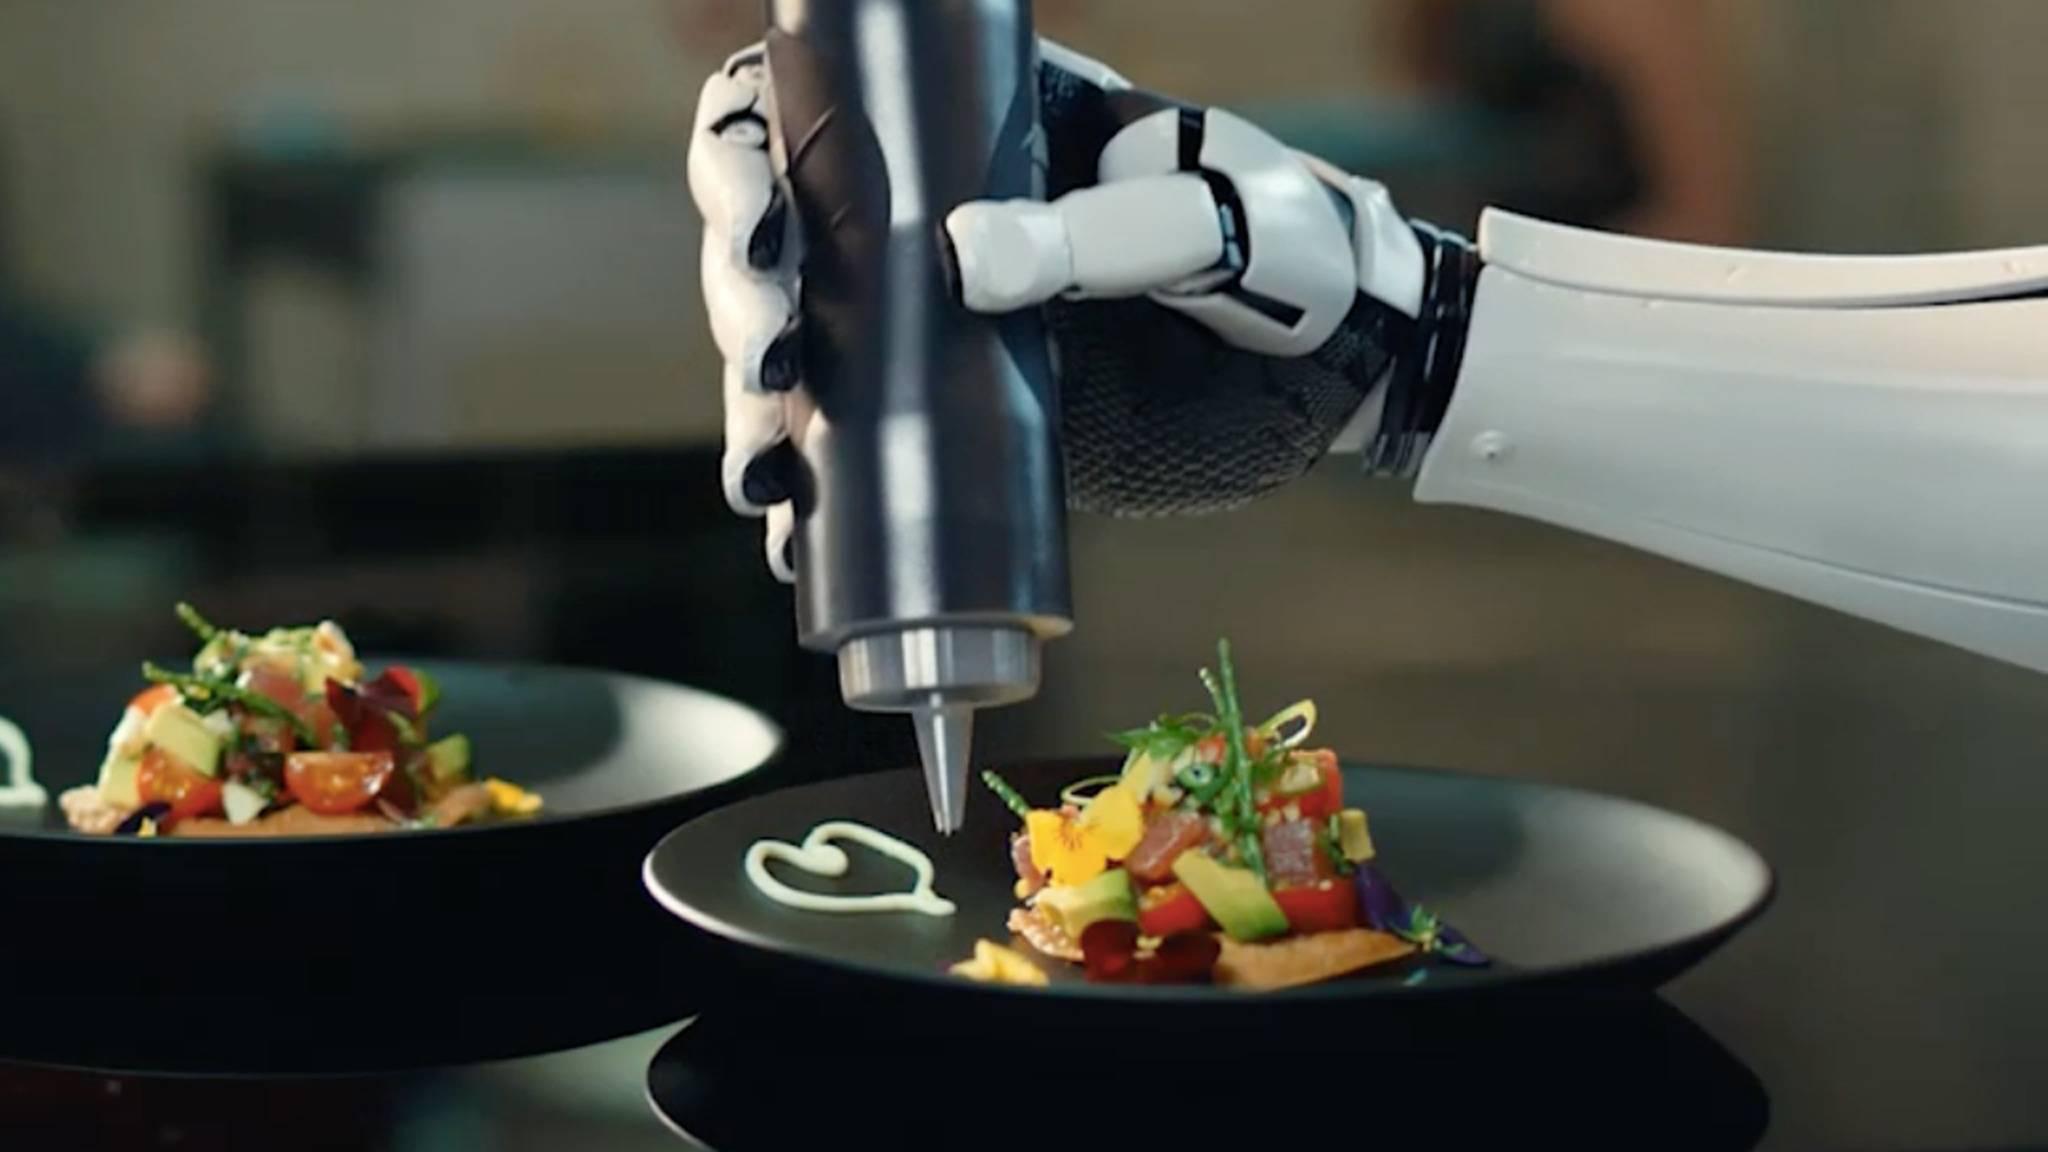 Küche der Zukunft: 4 Visionen für das Kochen im Jahr 2030